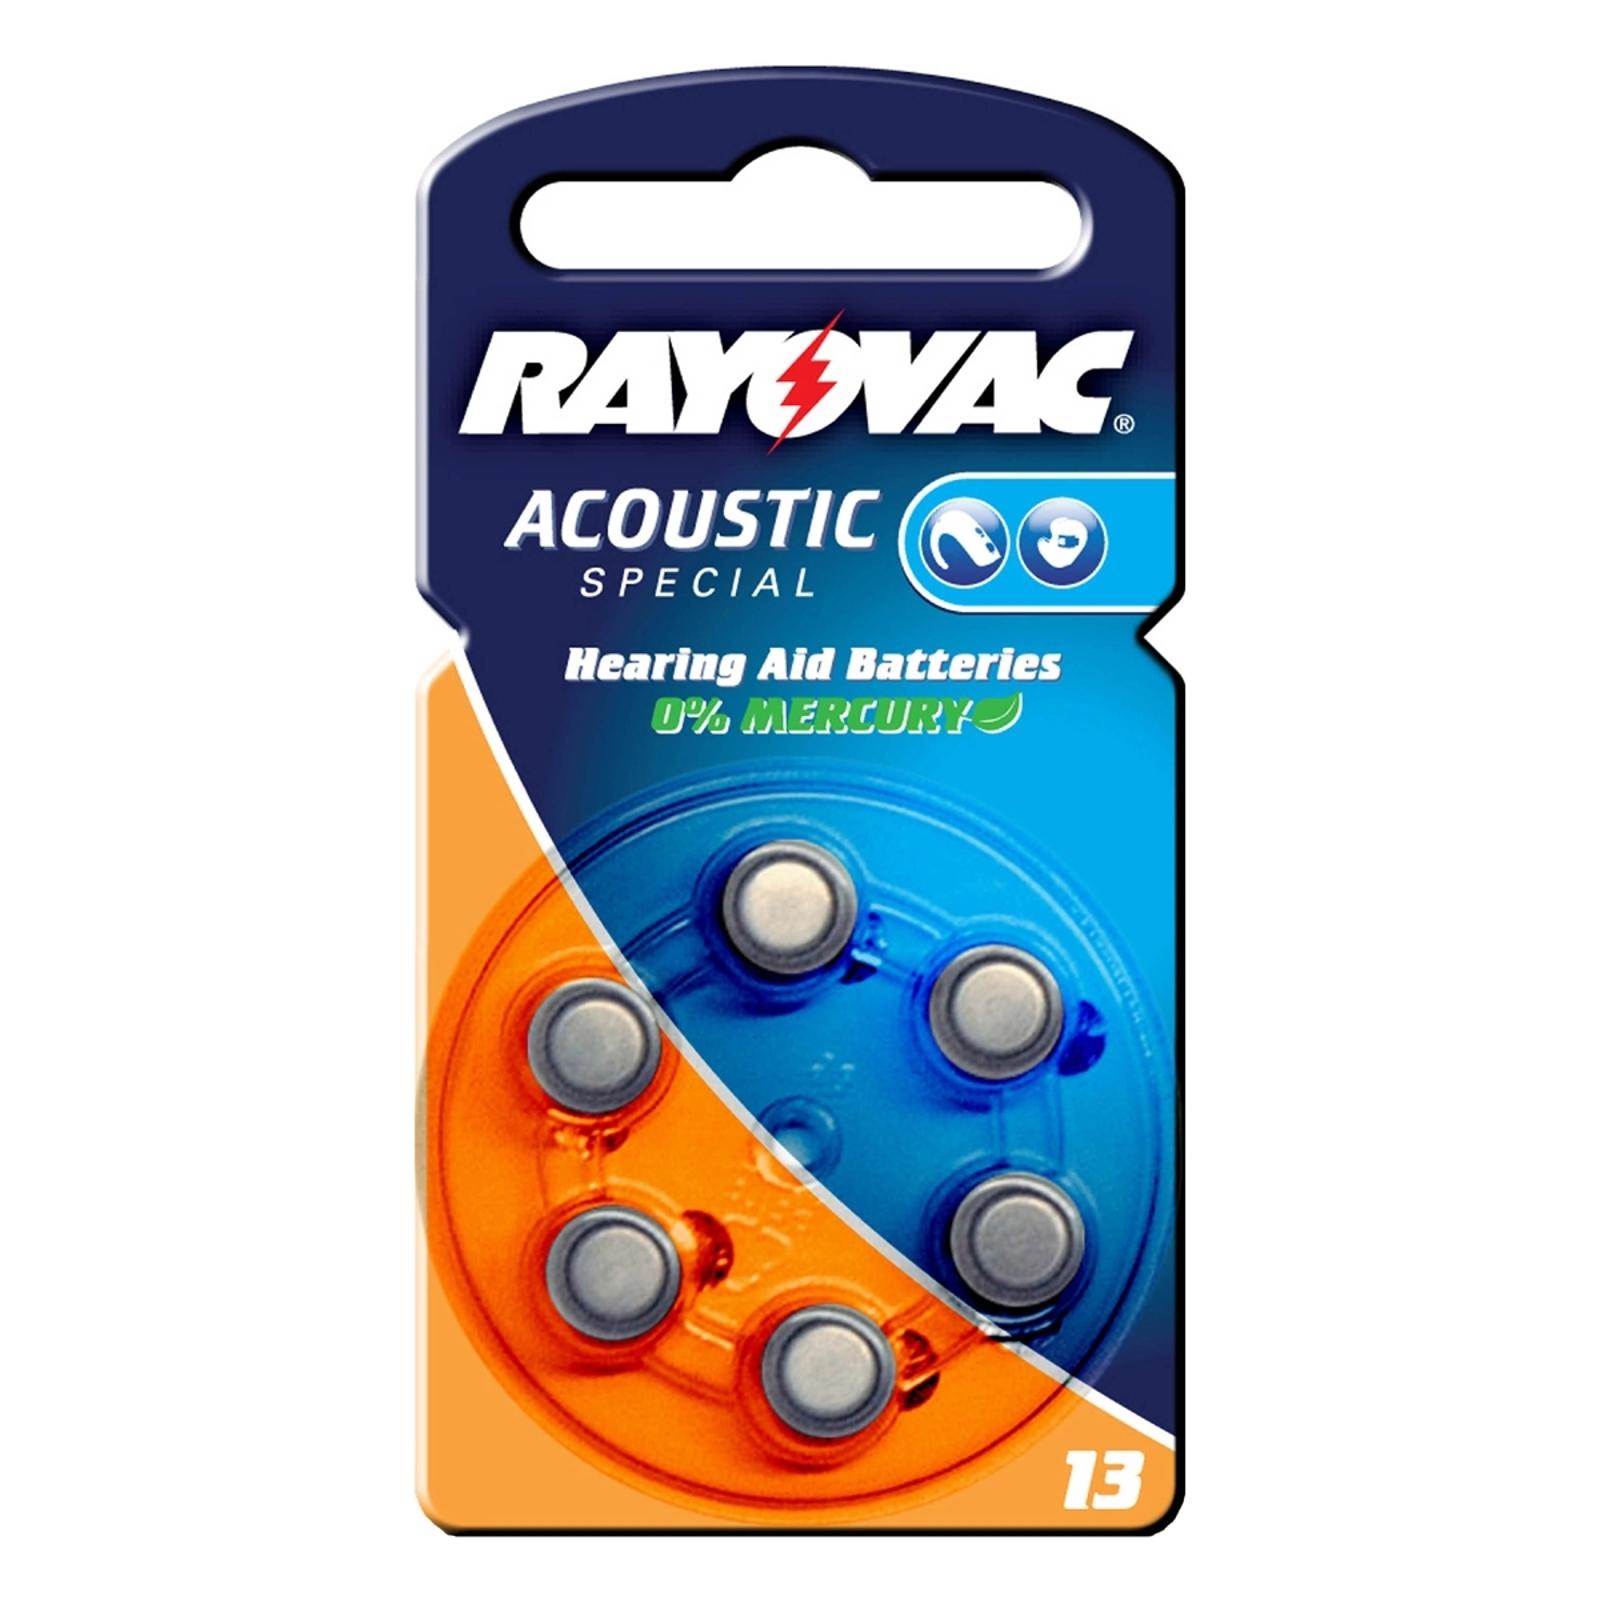 Rayovac 13 Acoustic 1,4V 310m/Ah knoflíková buňka